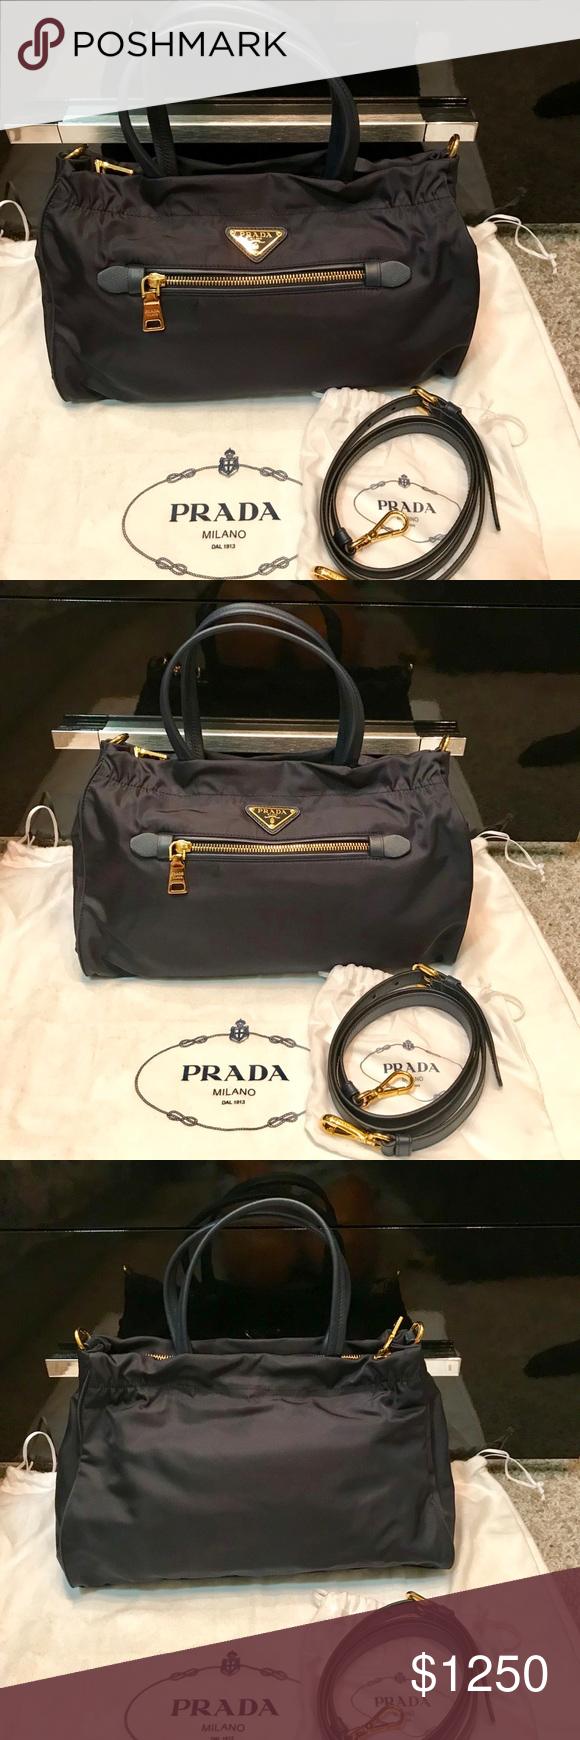 bd5af706fa7 PRADA Tessuto and Saffiano bag Prada Nylon bag - Color  Blue (Very Dark Blue